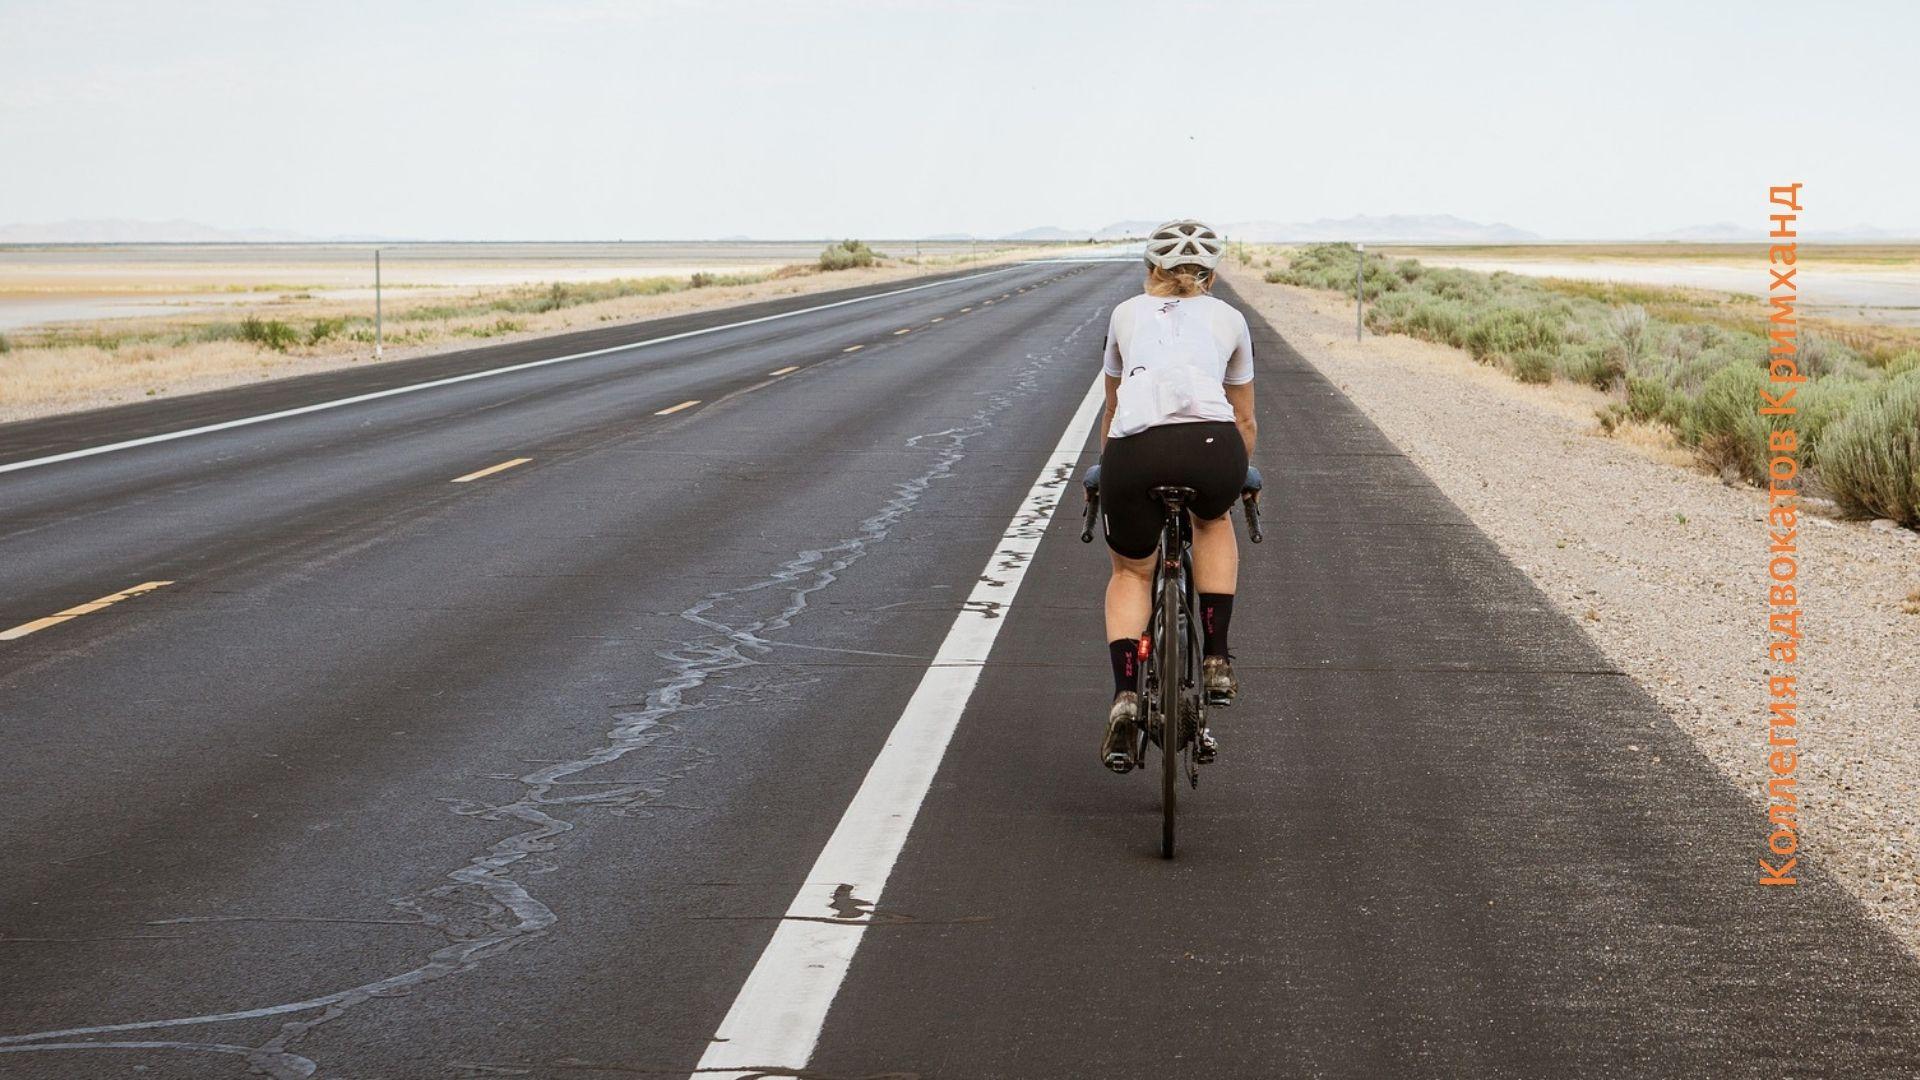 Велосипедисты и правила дорожного движения в Германии [Ответы на вопросы]